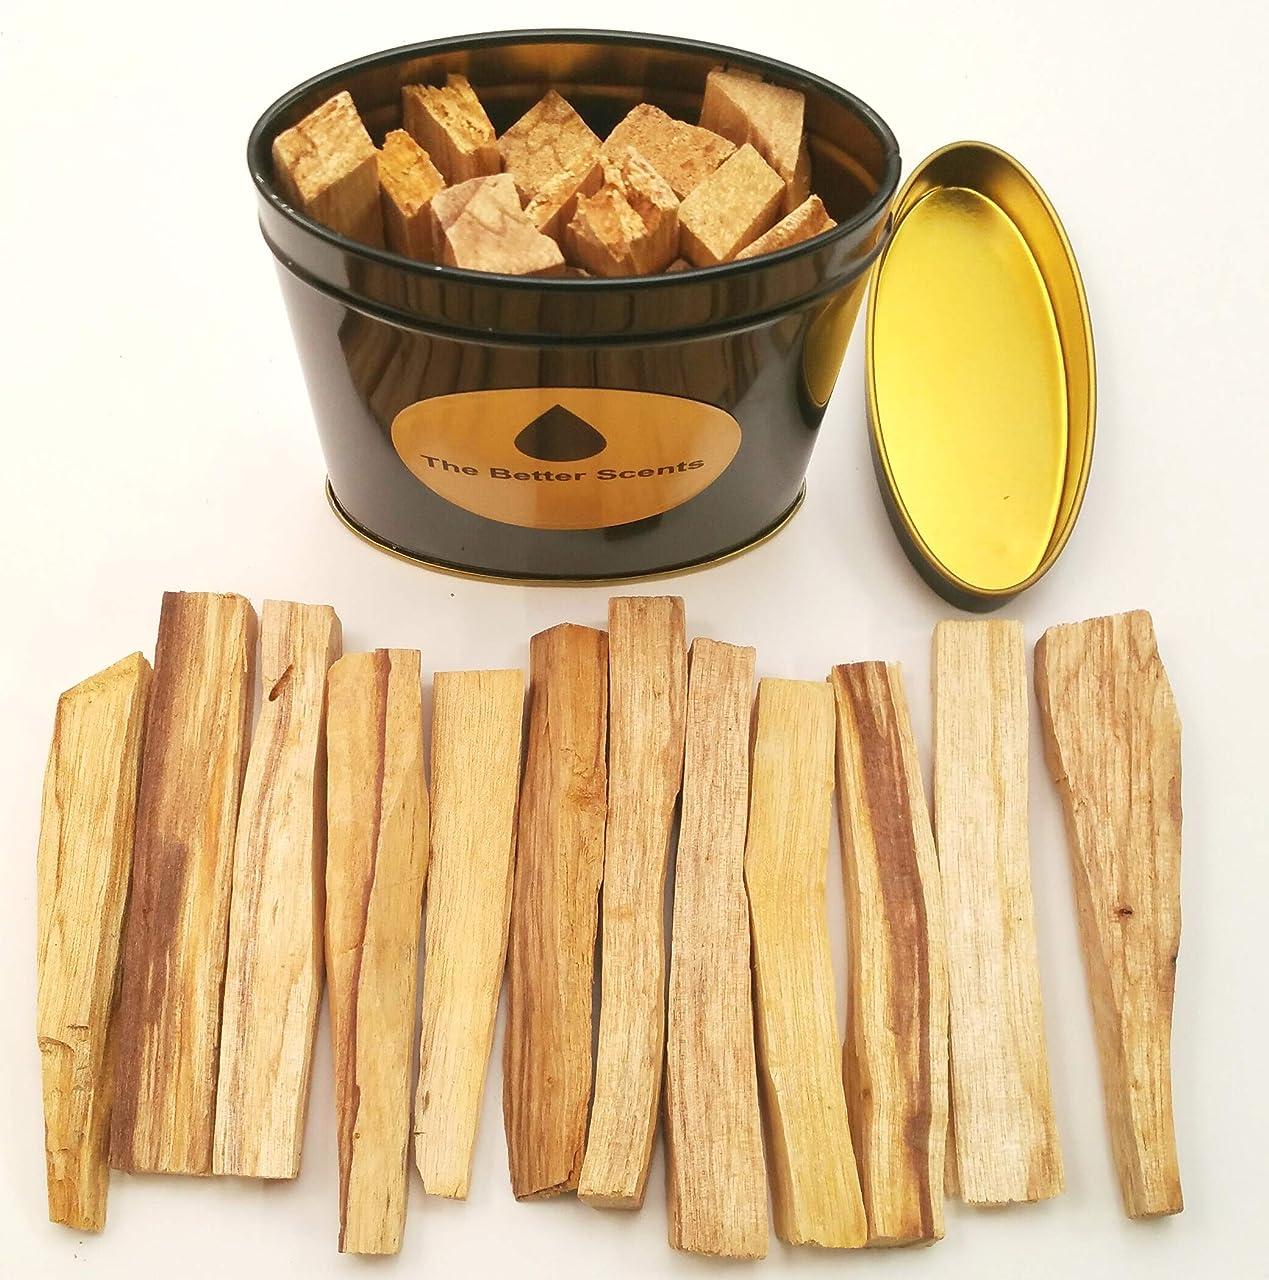 ありそうモードリンフォーラムPalo Santo Sticks ギフトボックス - オーガニックな野生収穫 本物の100%天然無成型パロサント スマッジスティック